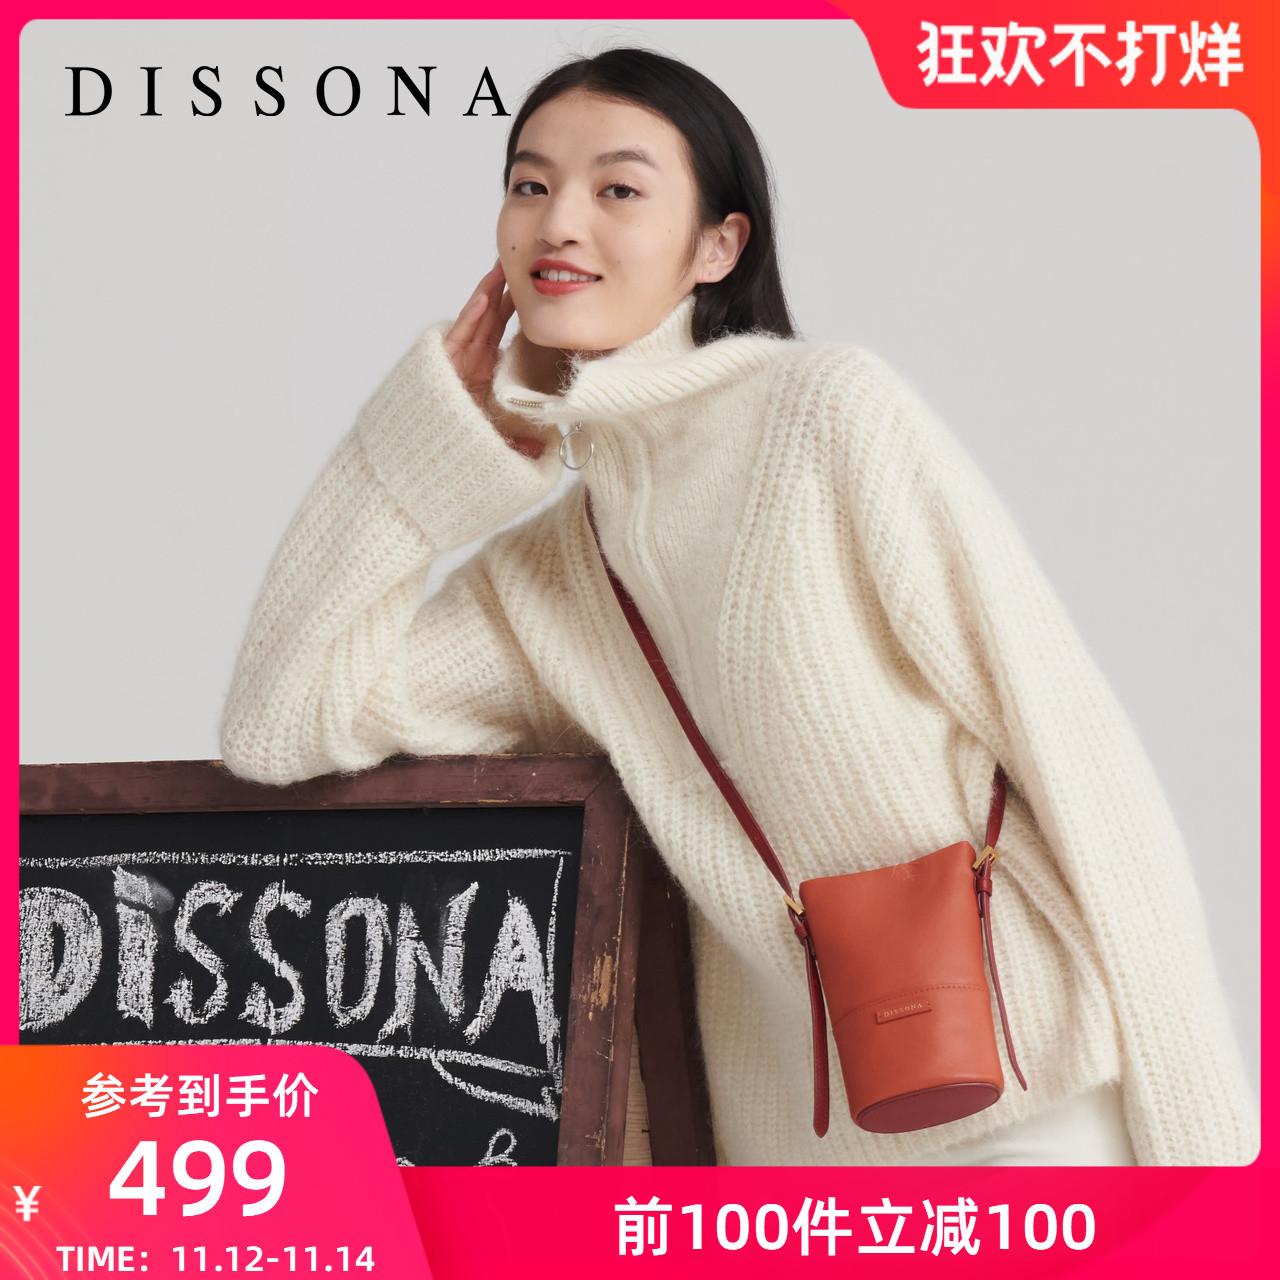 新款秋冬包包真皮单肩斜挎手机包2019迪桑娜女包欧美时尚水桶包